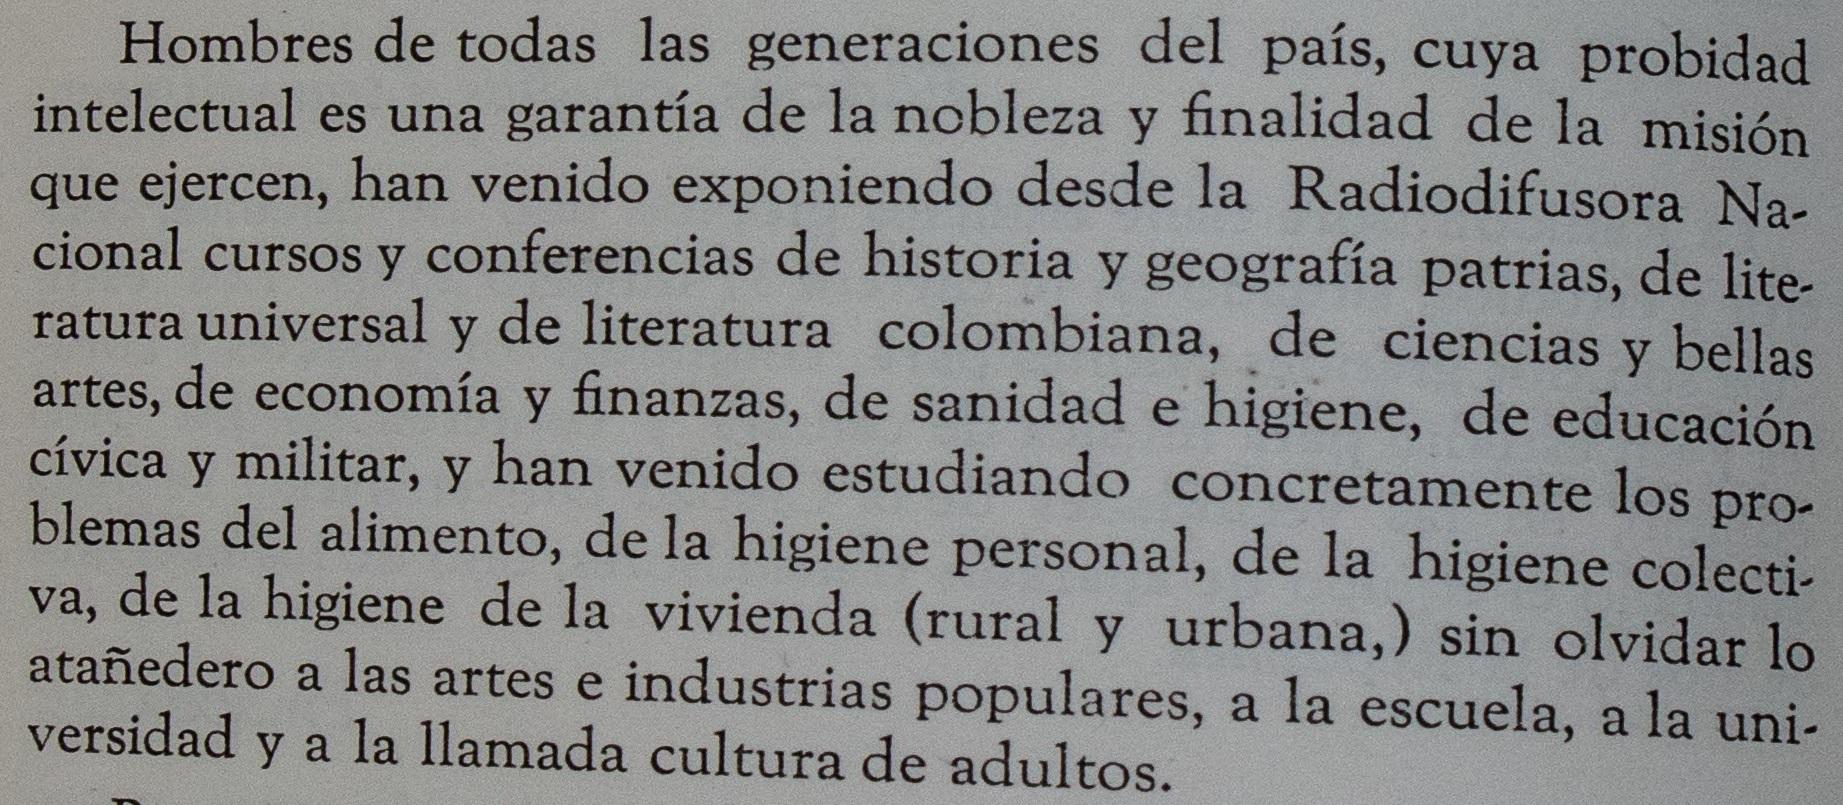 Extracto del Informe del Ministerio de Educación, 1940